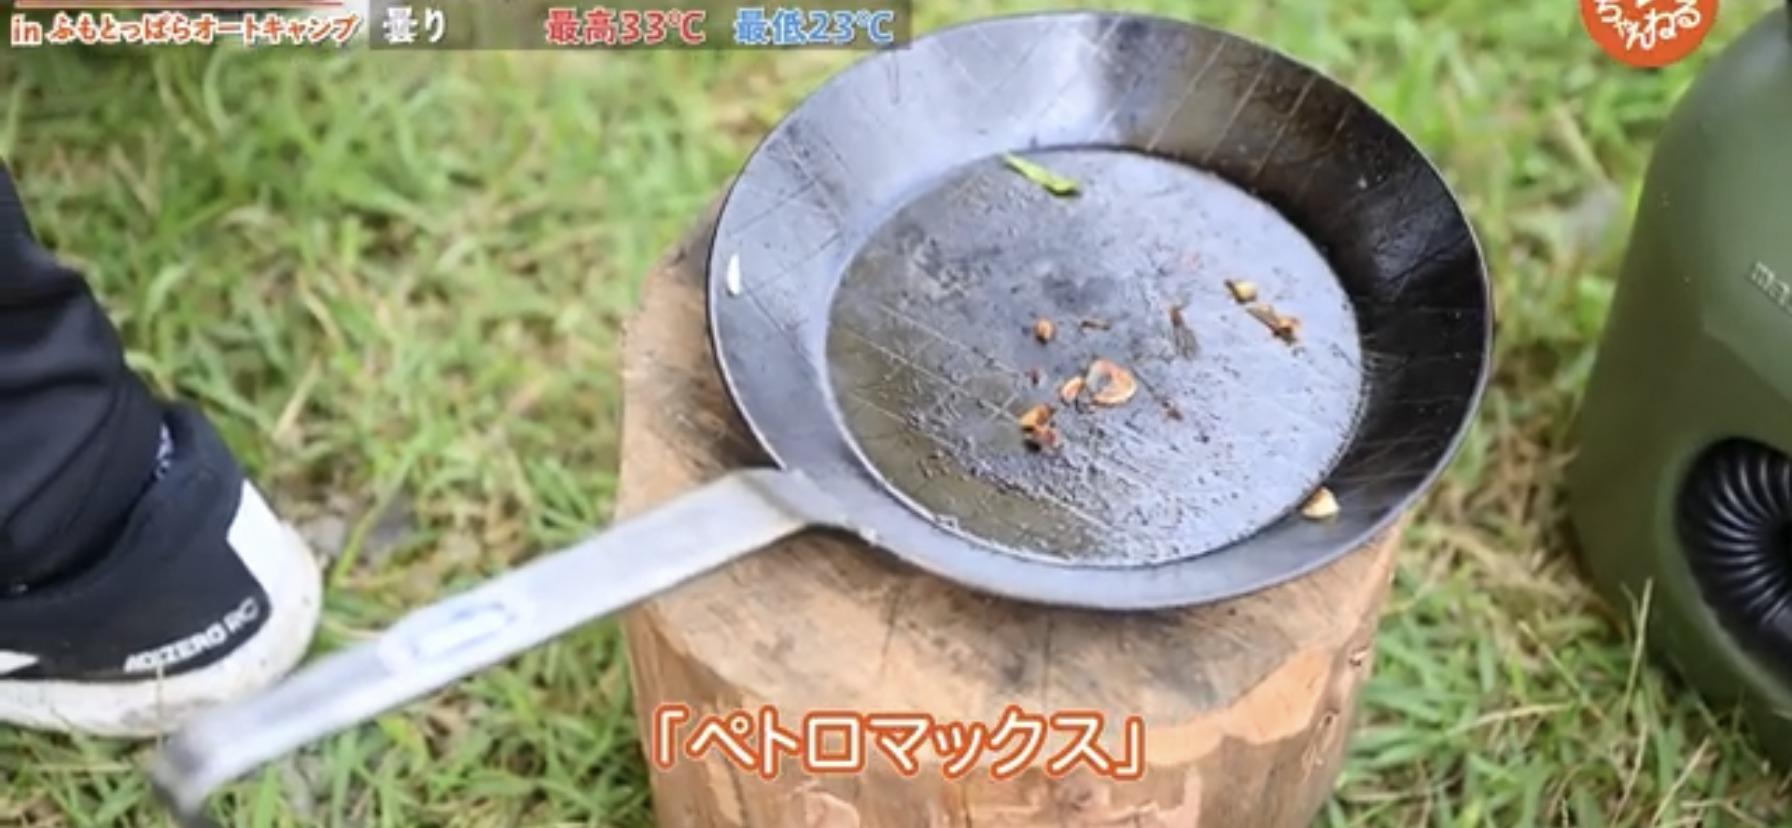 フライパン:【PETROMAX(ペトロマックス)】シュミーデアイゼン フライパン